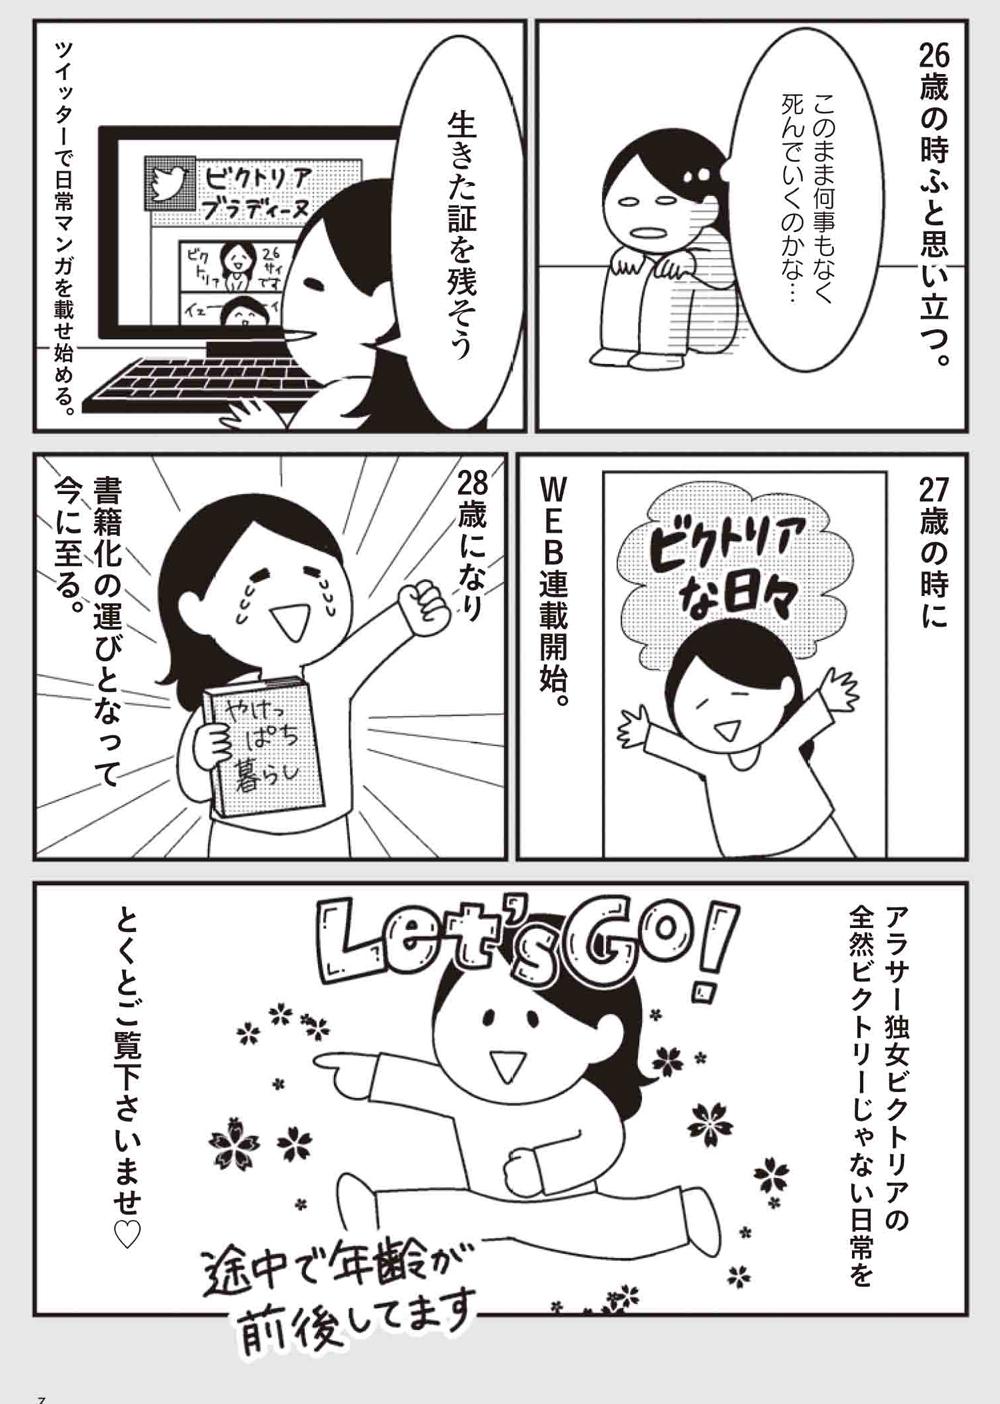 biku_002